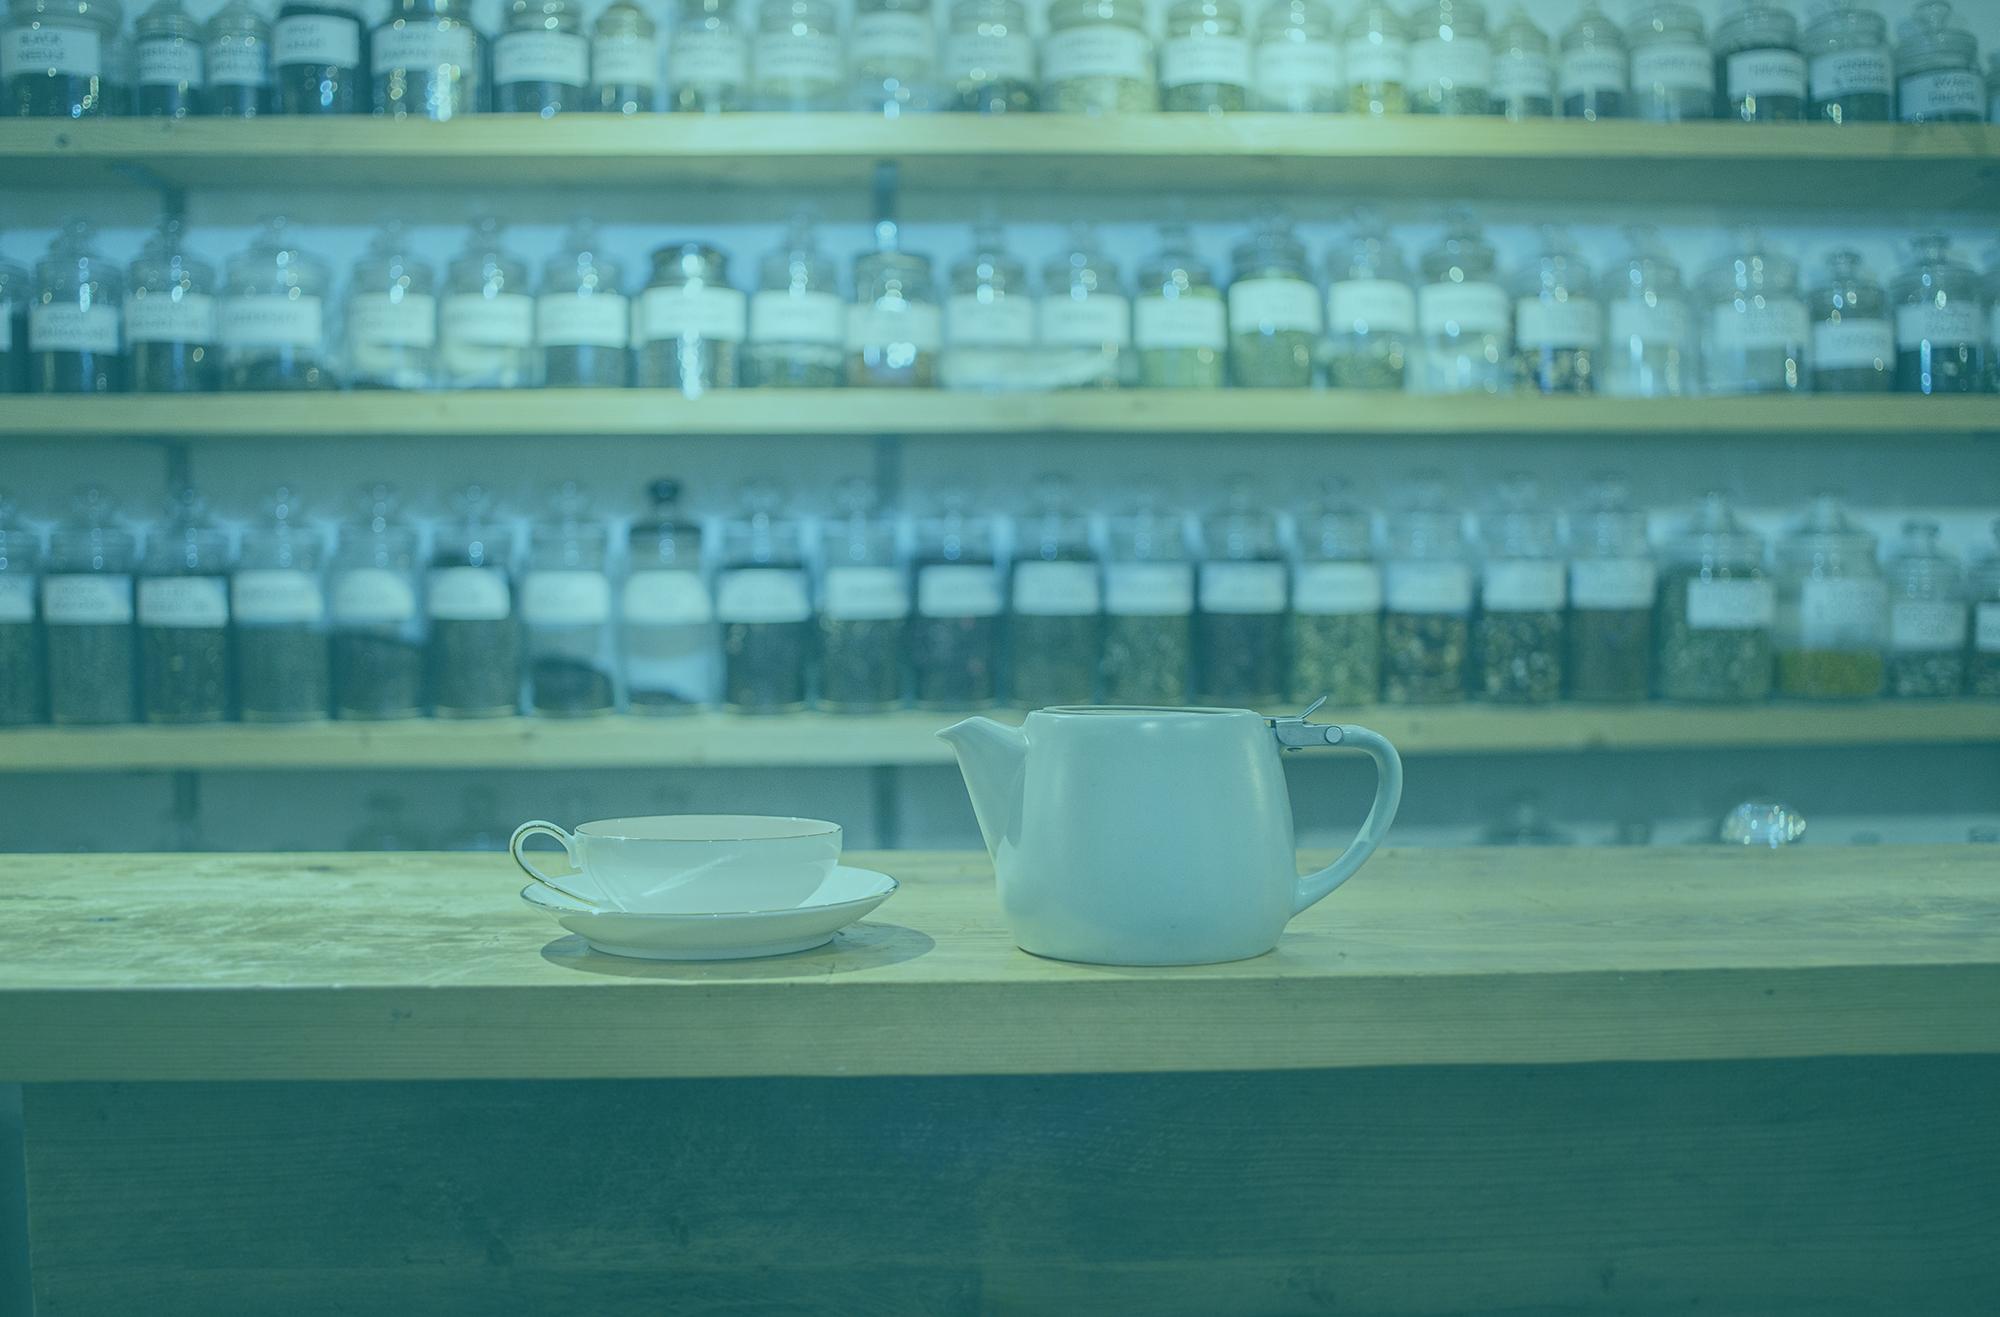 jars of tea on shelves